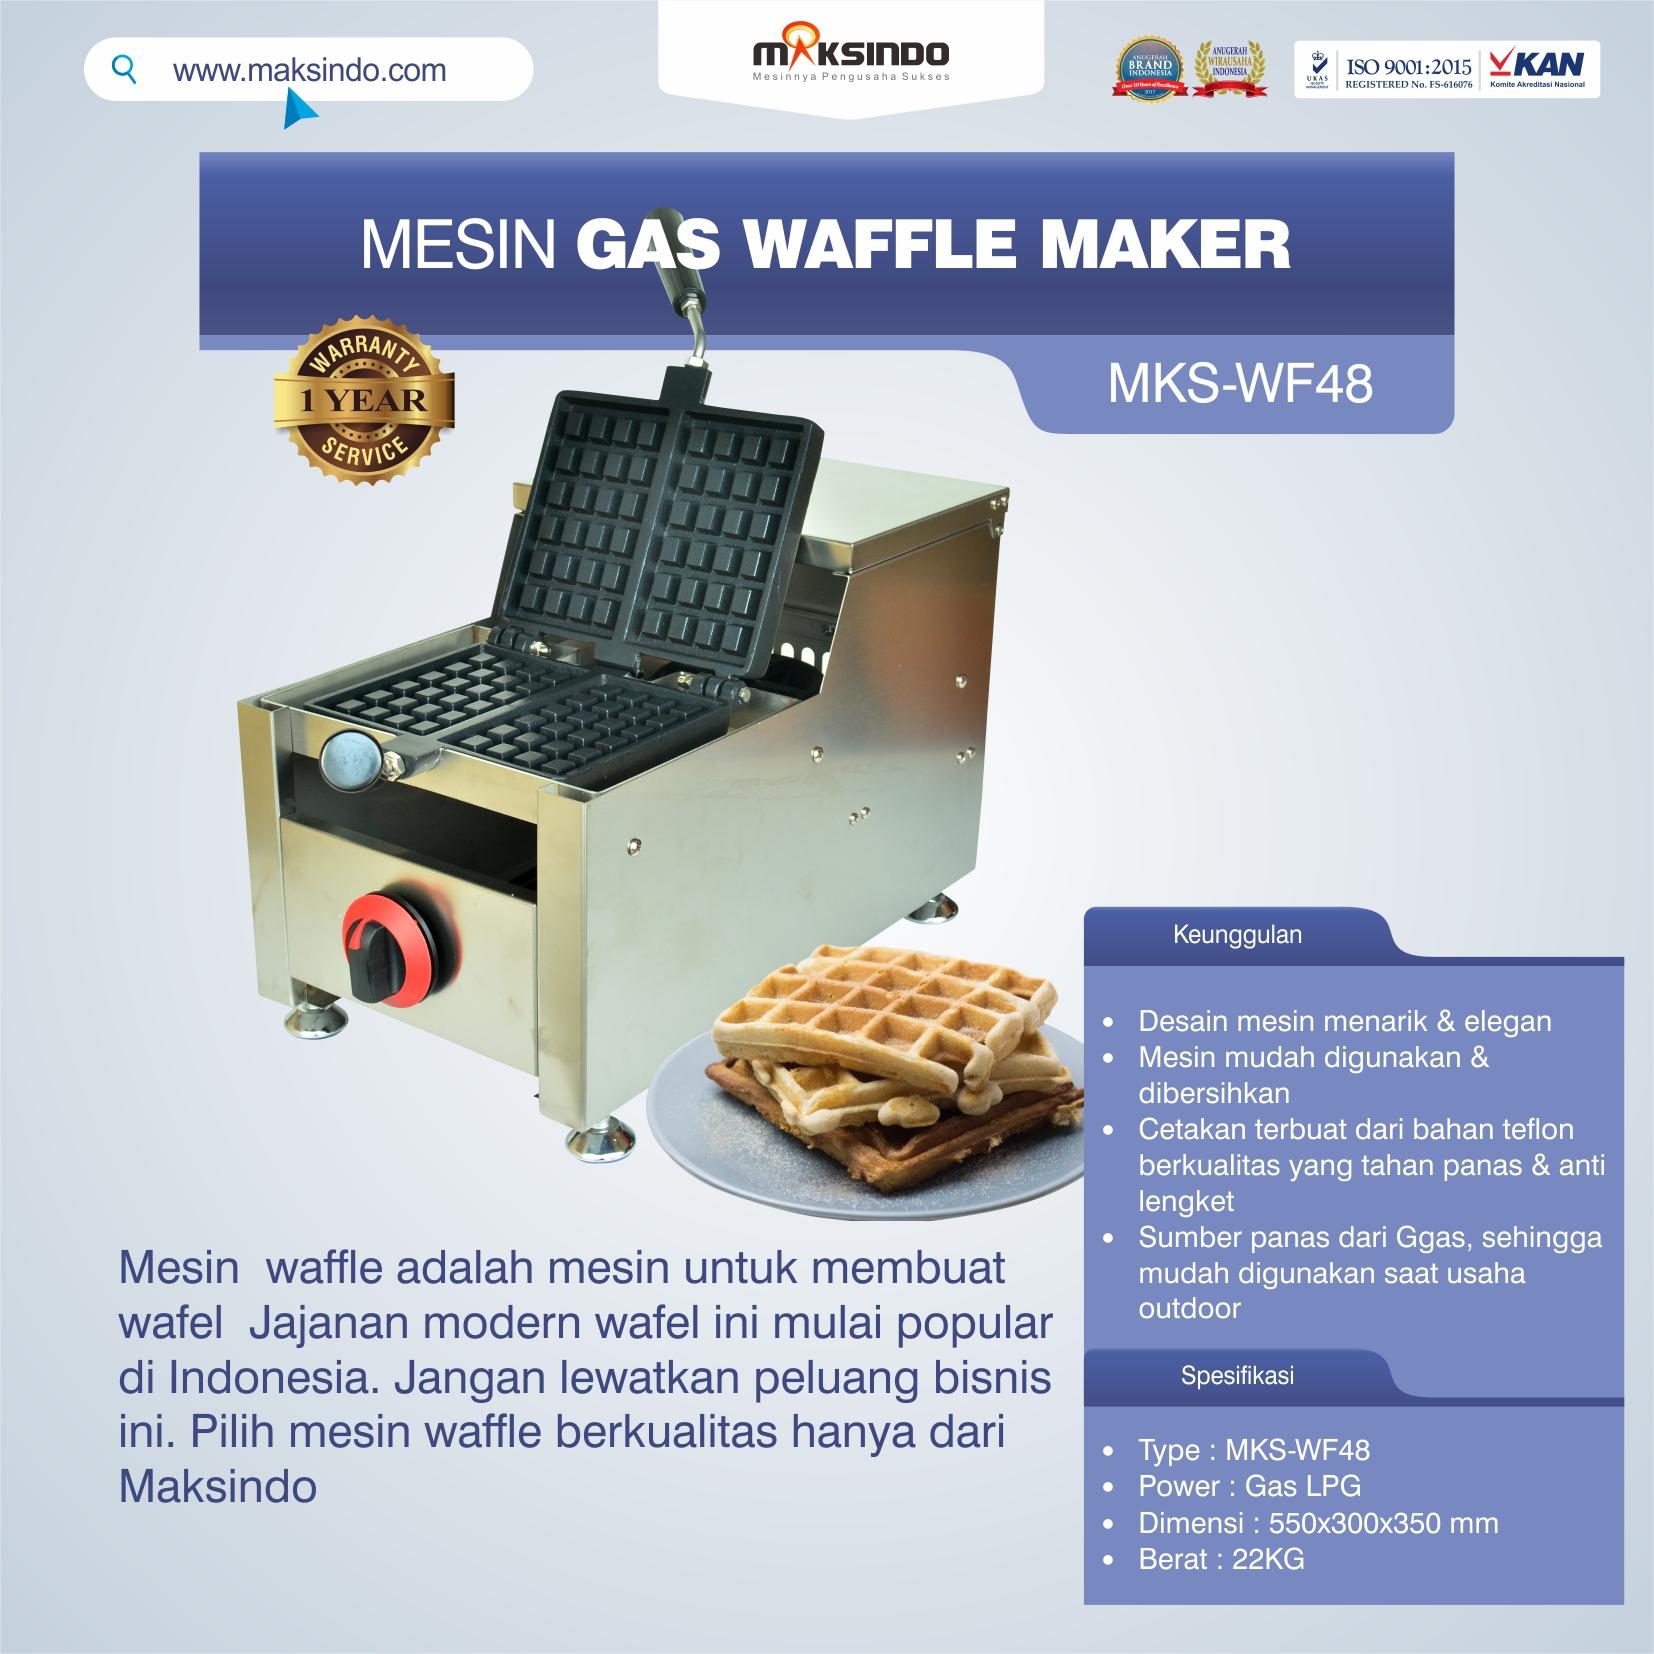 Jual Mesin Gas Waffle Maker MKS-WF48 di Yogyakarta